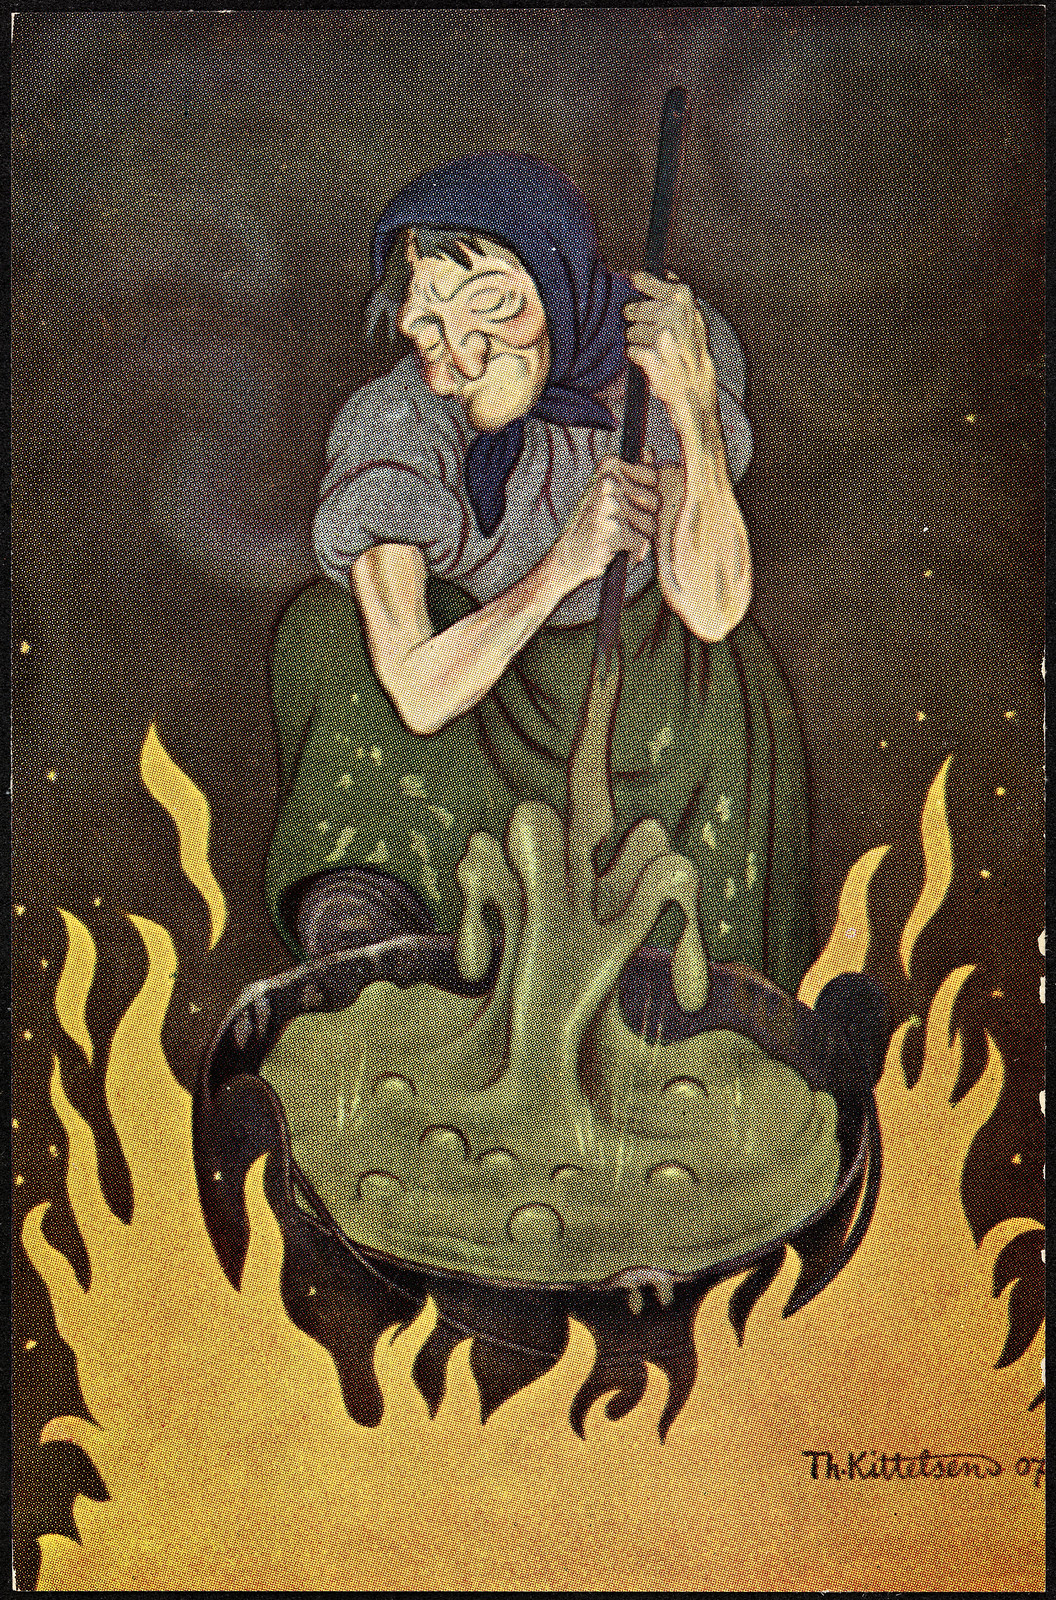 Theodor Kittelsen - Trollkjerring, 1907